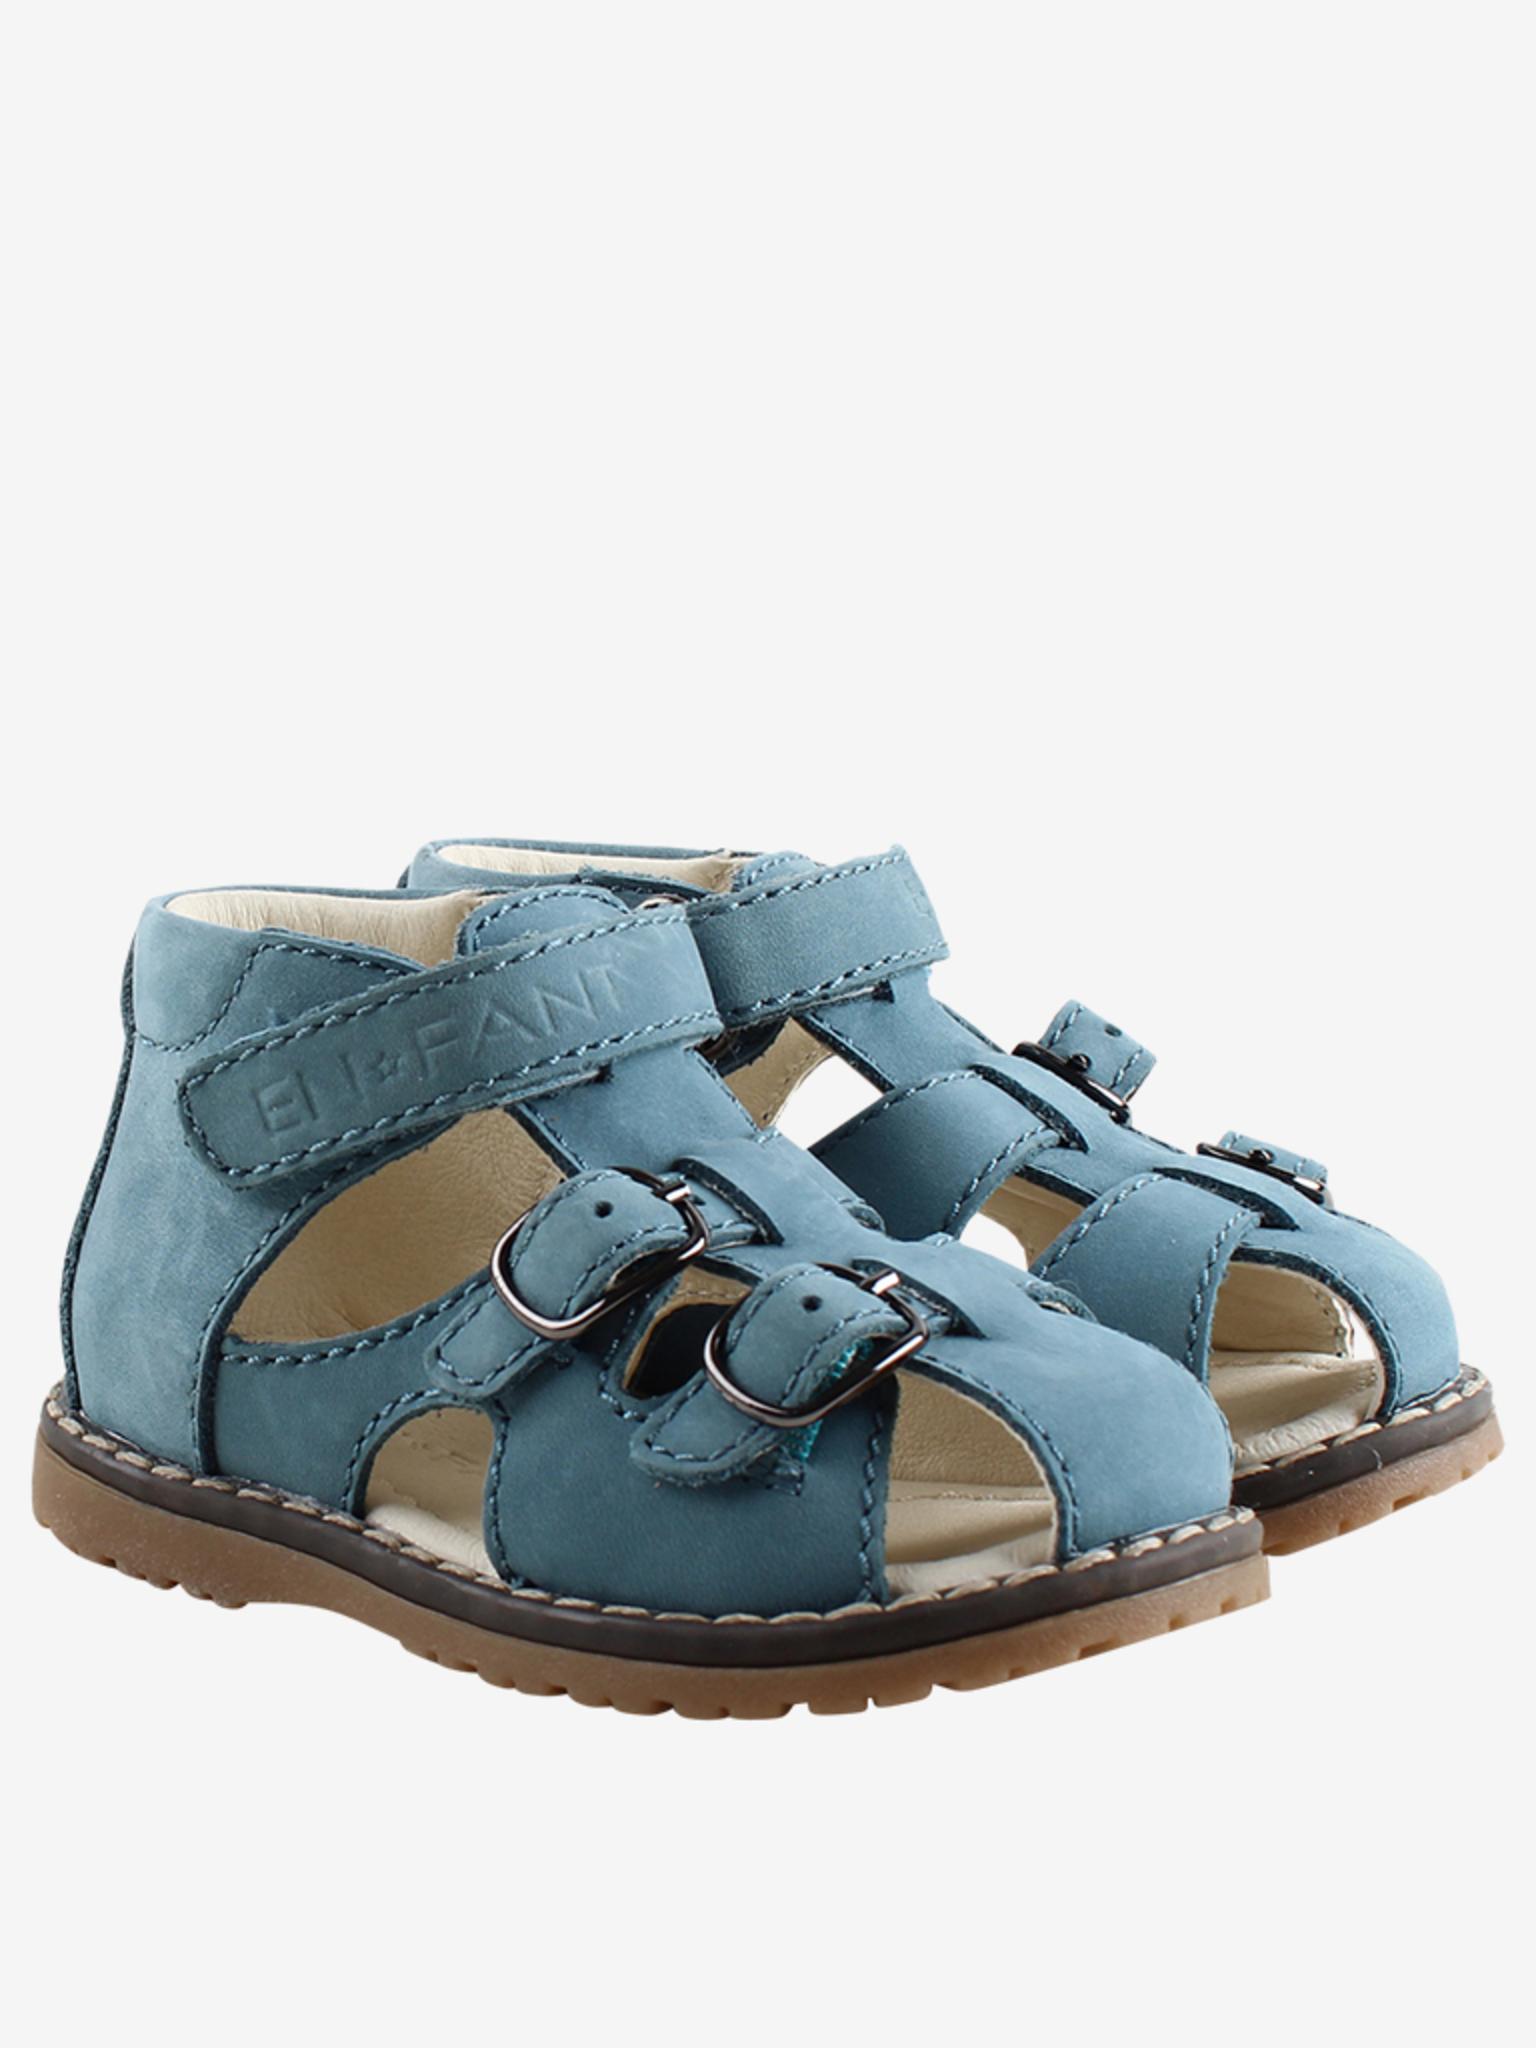 En Fant kojenecké kožené sandálky 815256 - 159